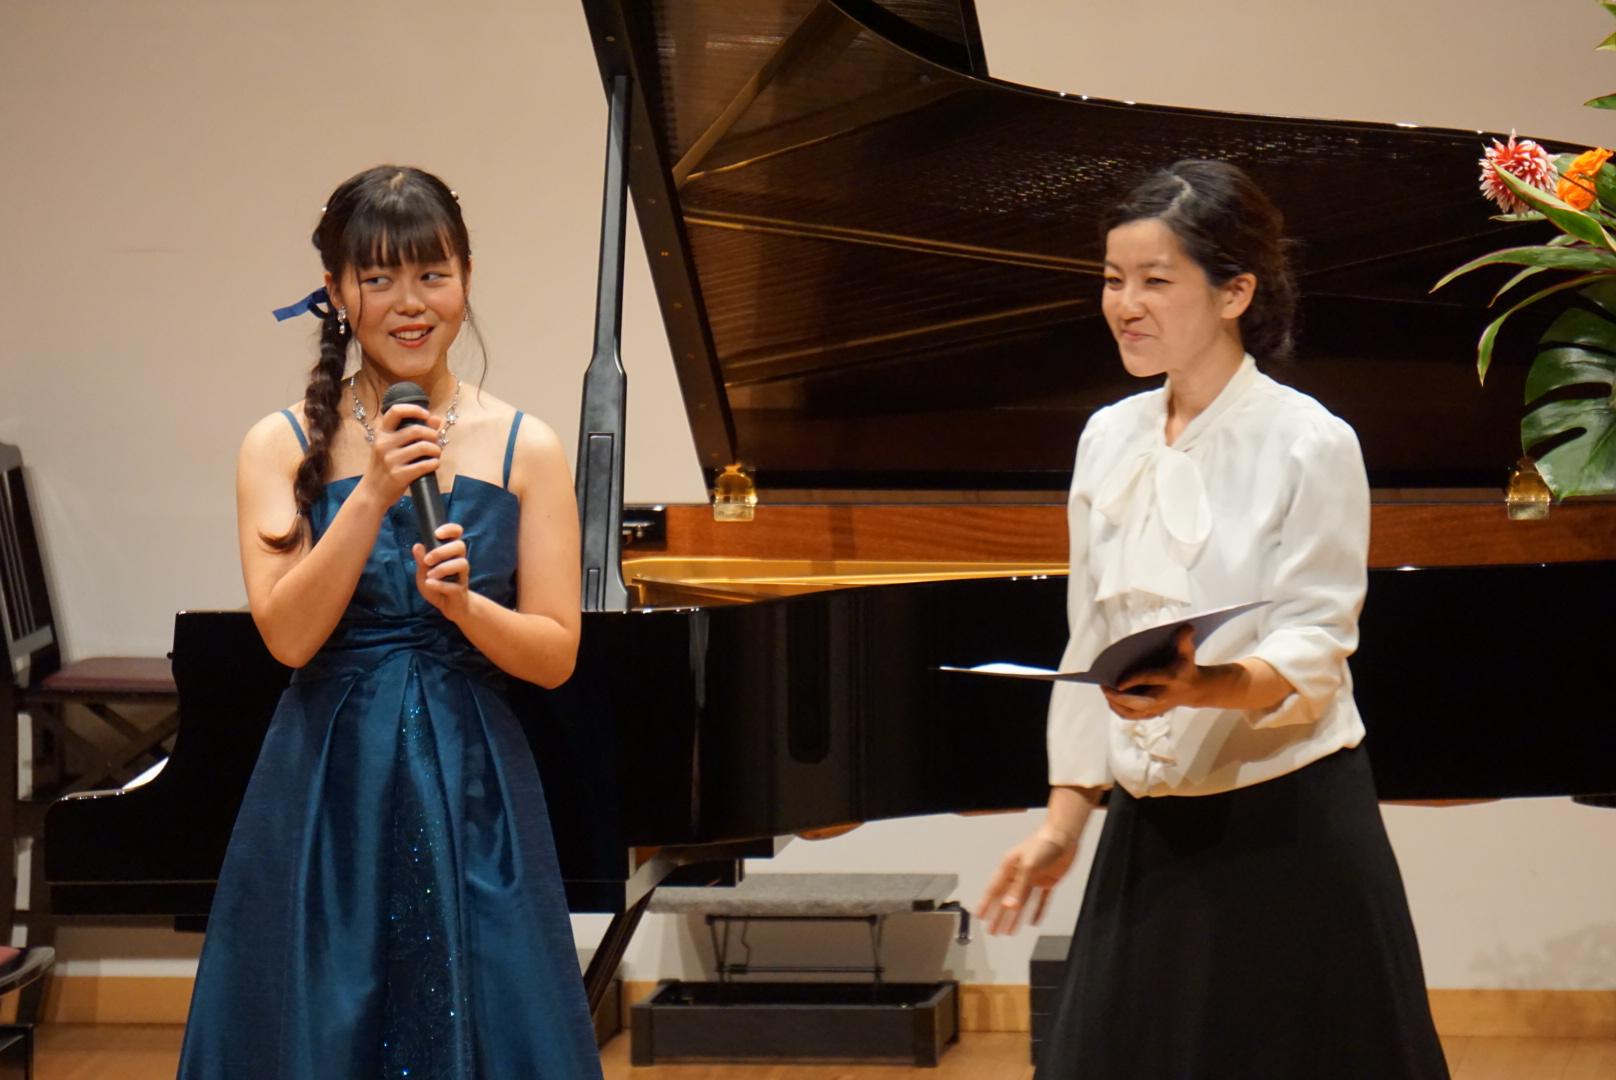 2018年10月27日 奏の会ピアノ発表会 大人のソロ演奏者へインタビュー